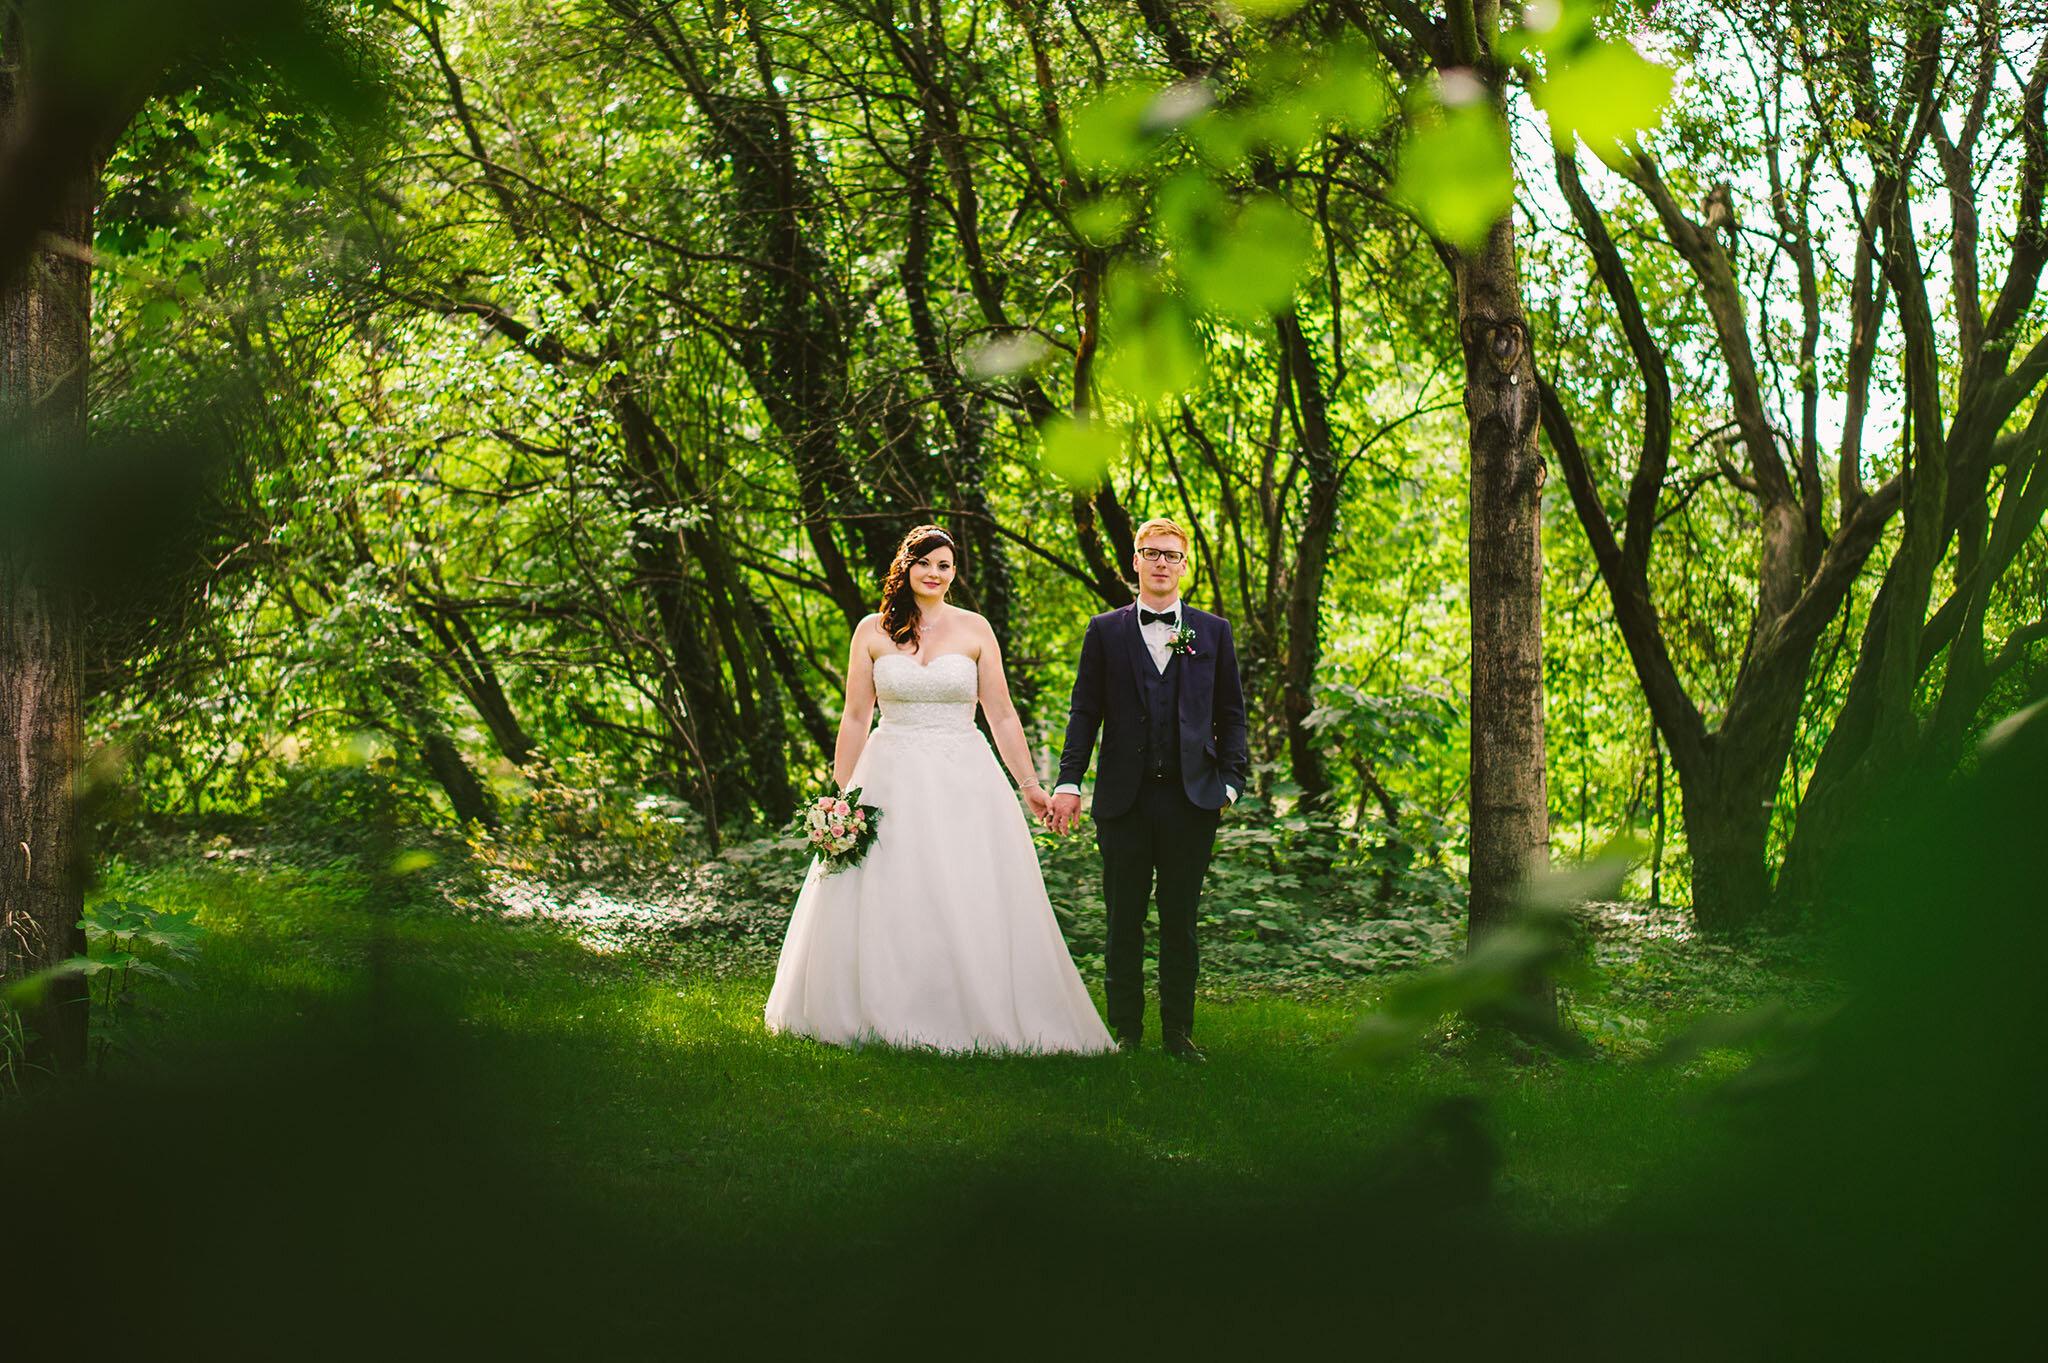 """Nicola + Klemens - """"Unsere Hochzeitsbilder sind wunderschön und werden überall gelobt! Ein super Fotograf mit sehr viel Liebe zum Detail. Einfach empfehlenswert!!! Danke Ron"""""""